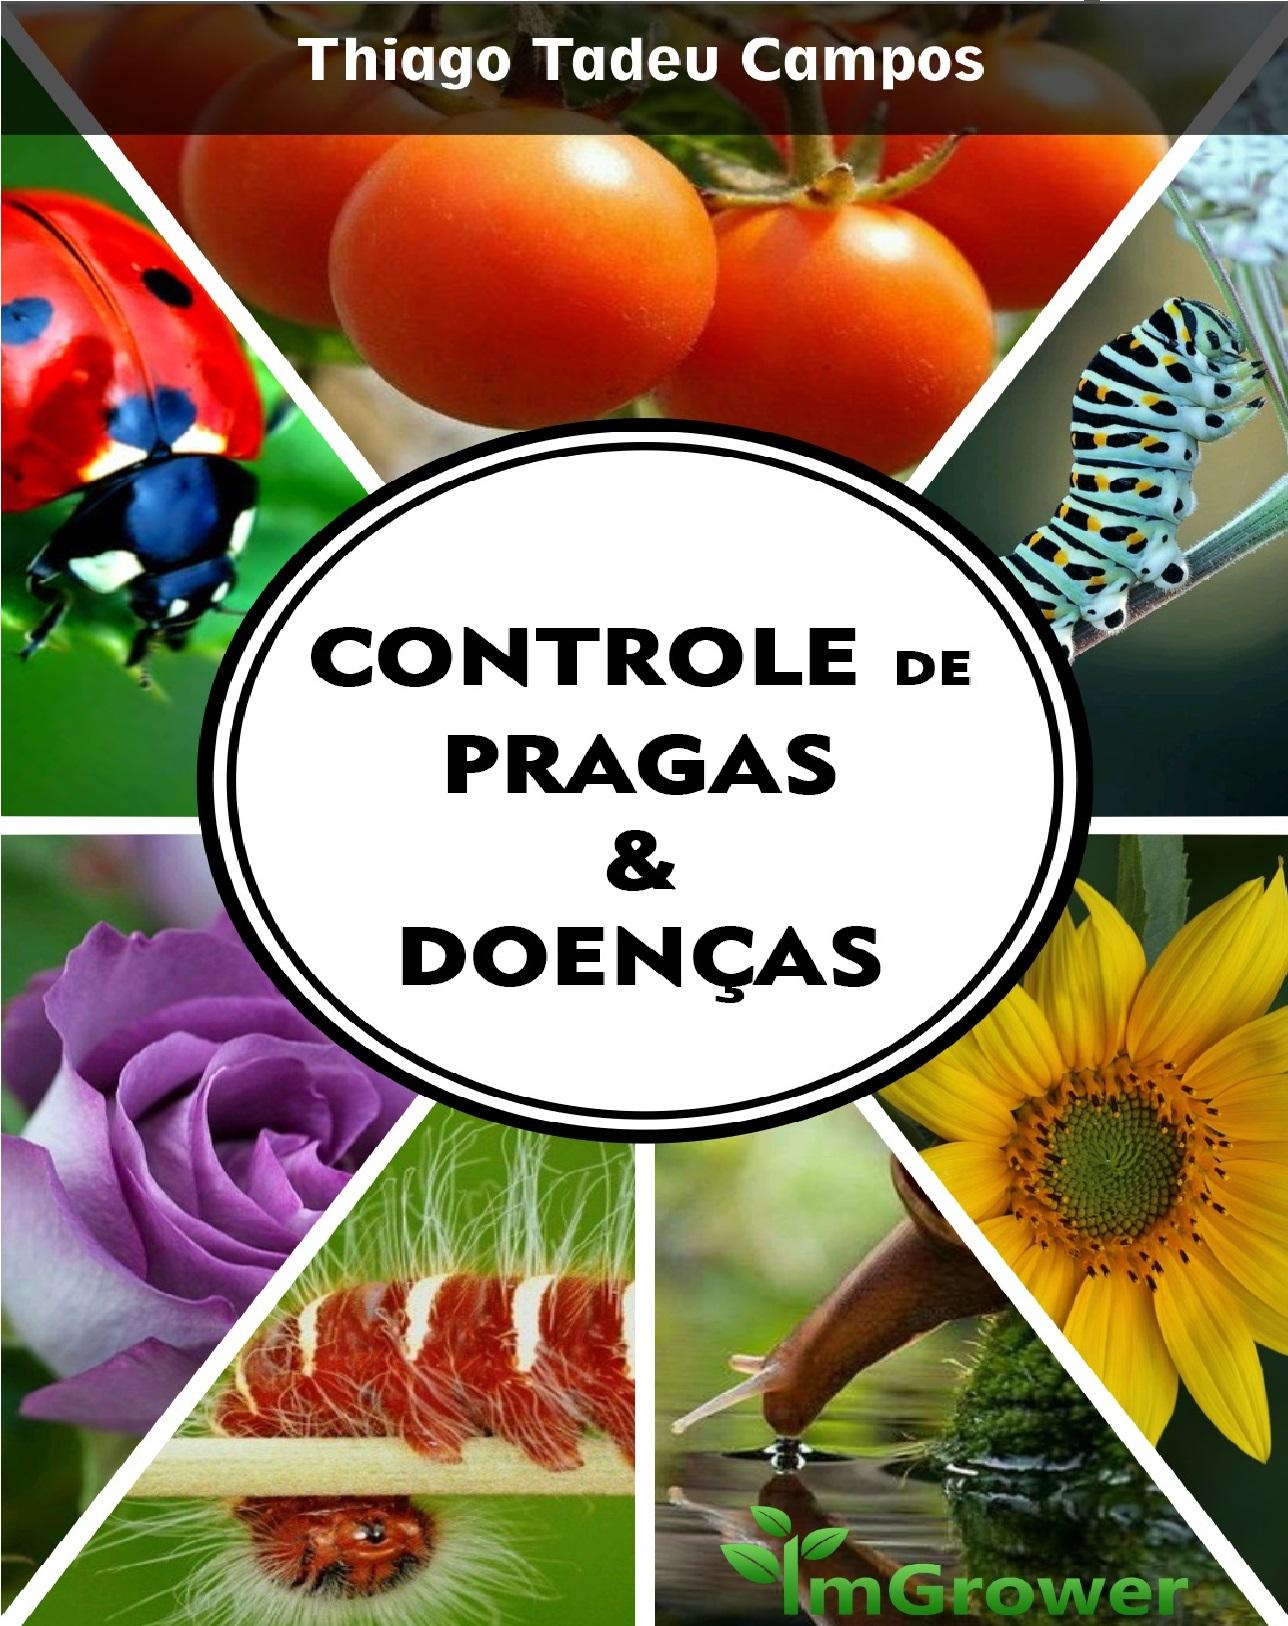 controle-de-pragas-doenças-e-ervas-daninhas-imgrower-thiago-tadeu-campos